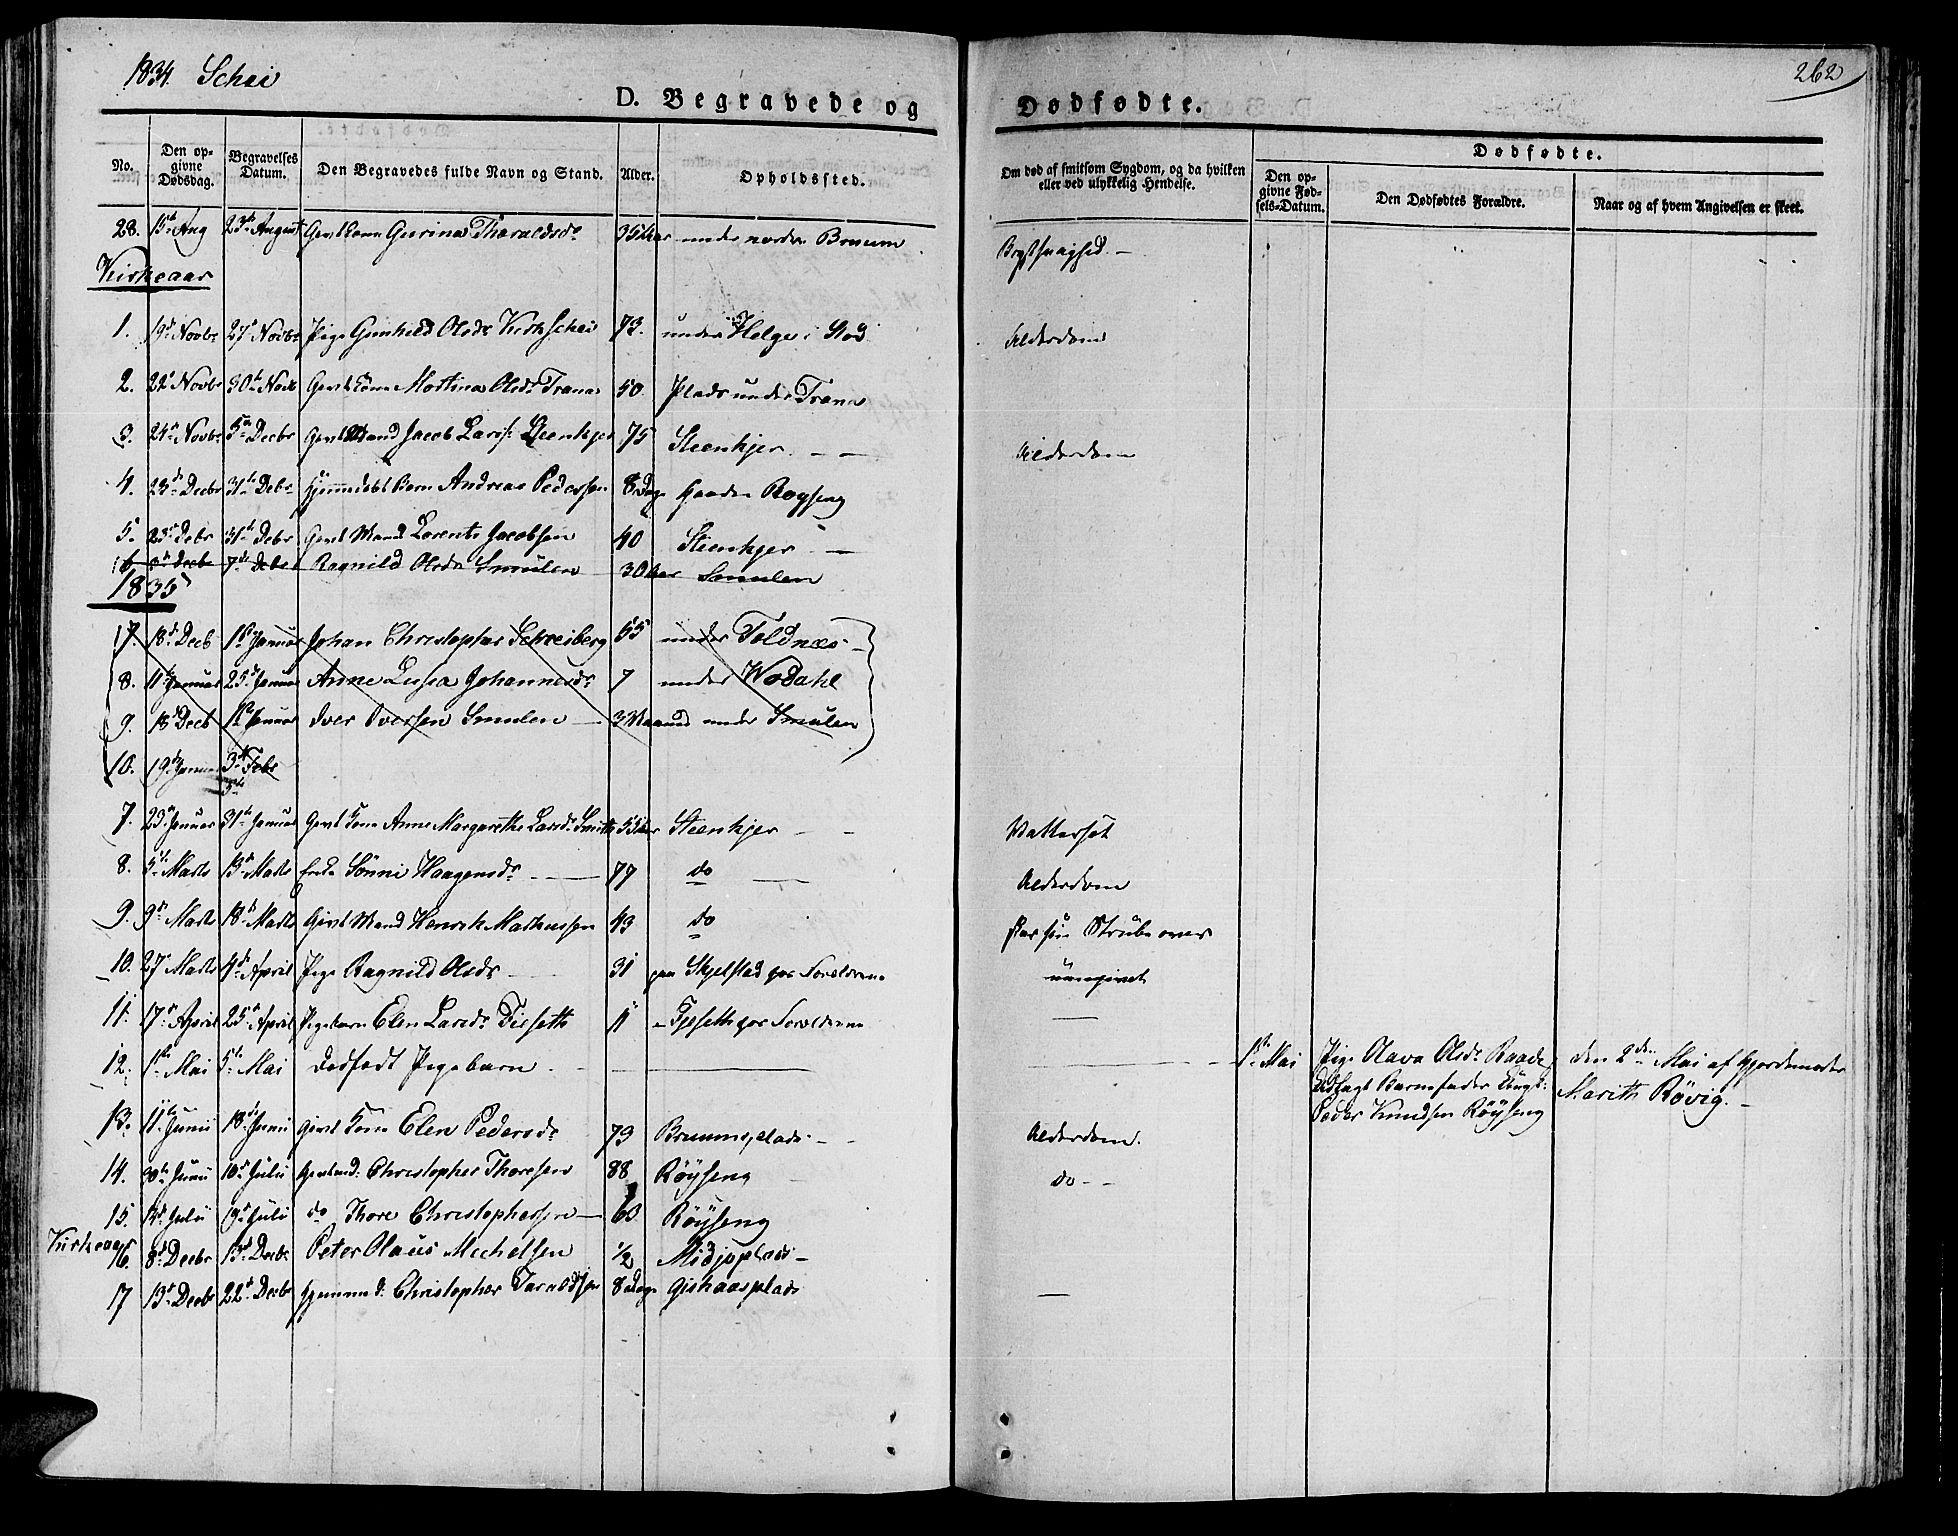 SAT, Ministerialprotokoller, klokkerbøker og fødselsregistre - Nord-Trøndelag, 735/L0336: Parish register (official) no. 735A05 /2, 1825-1835, p. 262